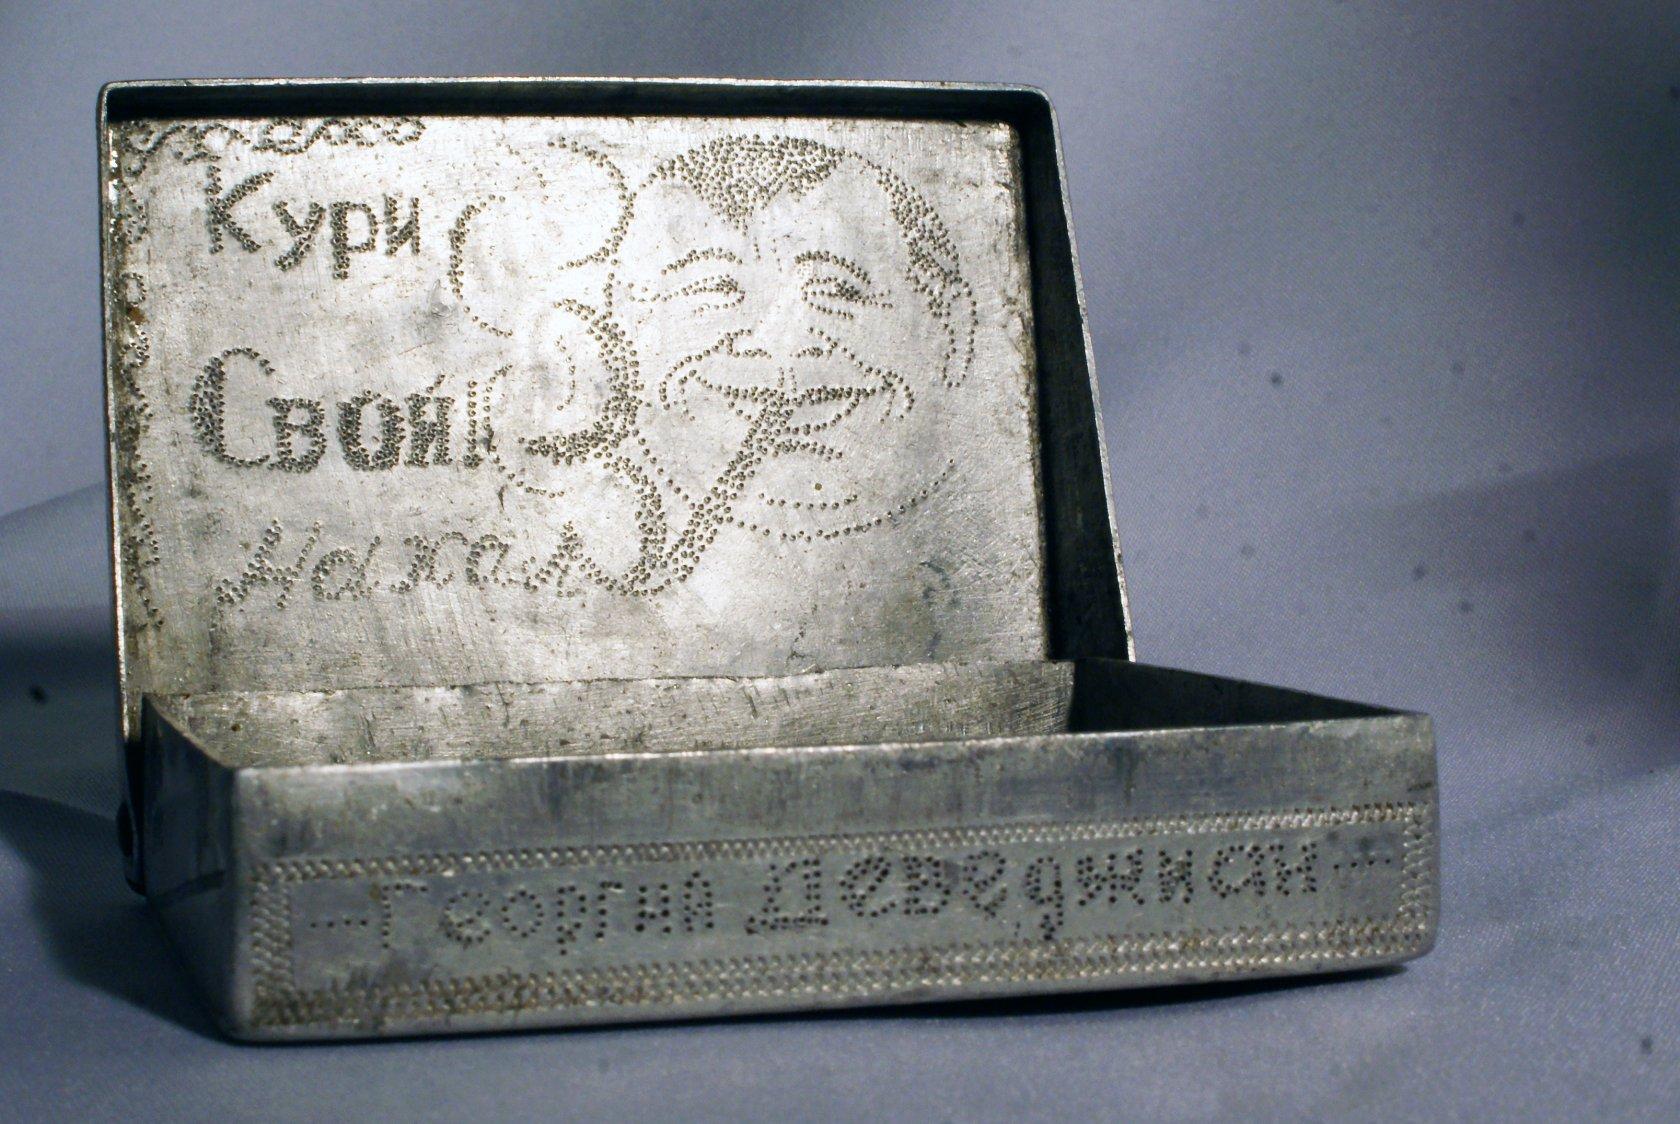 Купить немецкие сигареты второй мировой войны купить сигареты дешево белоруссия